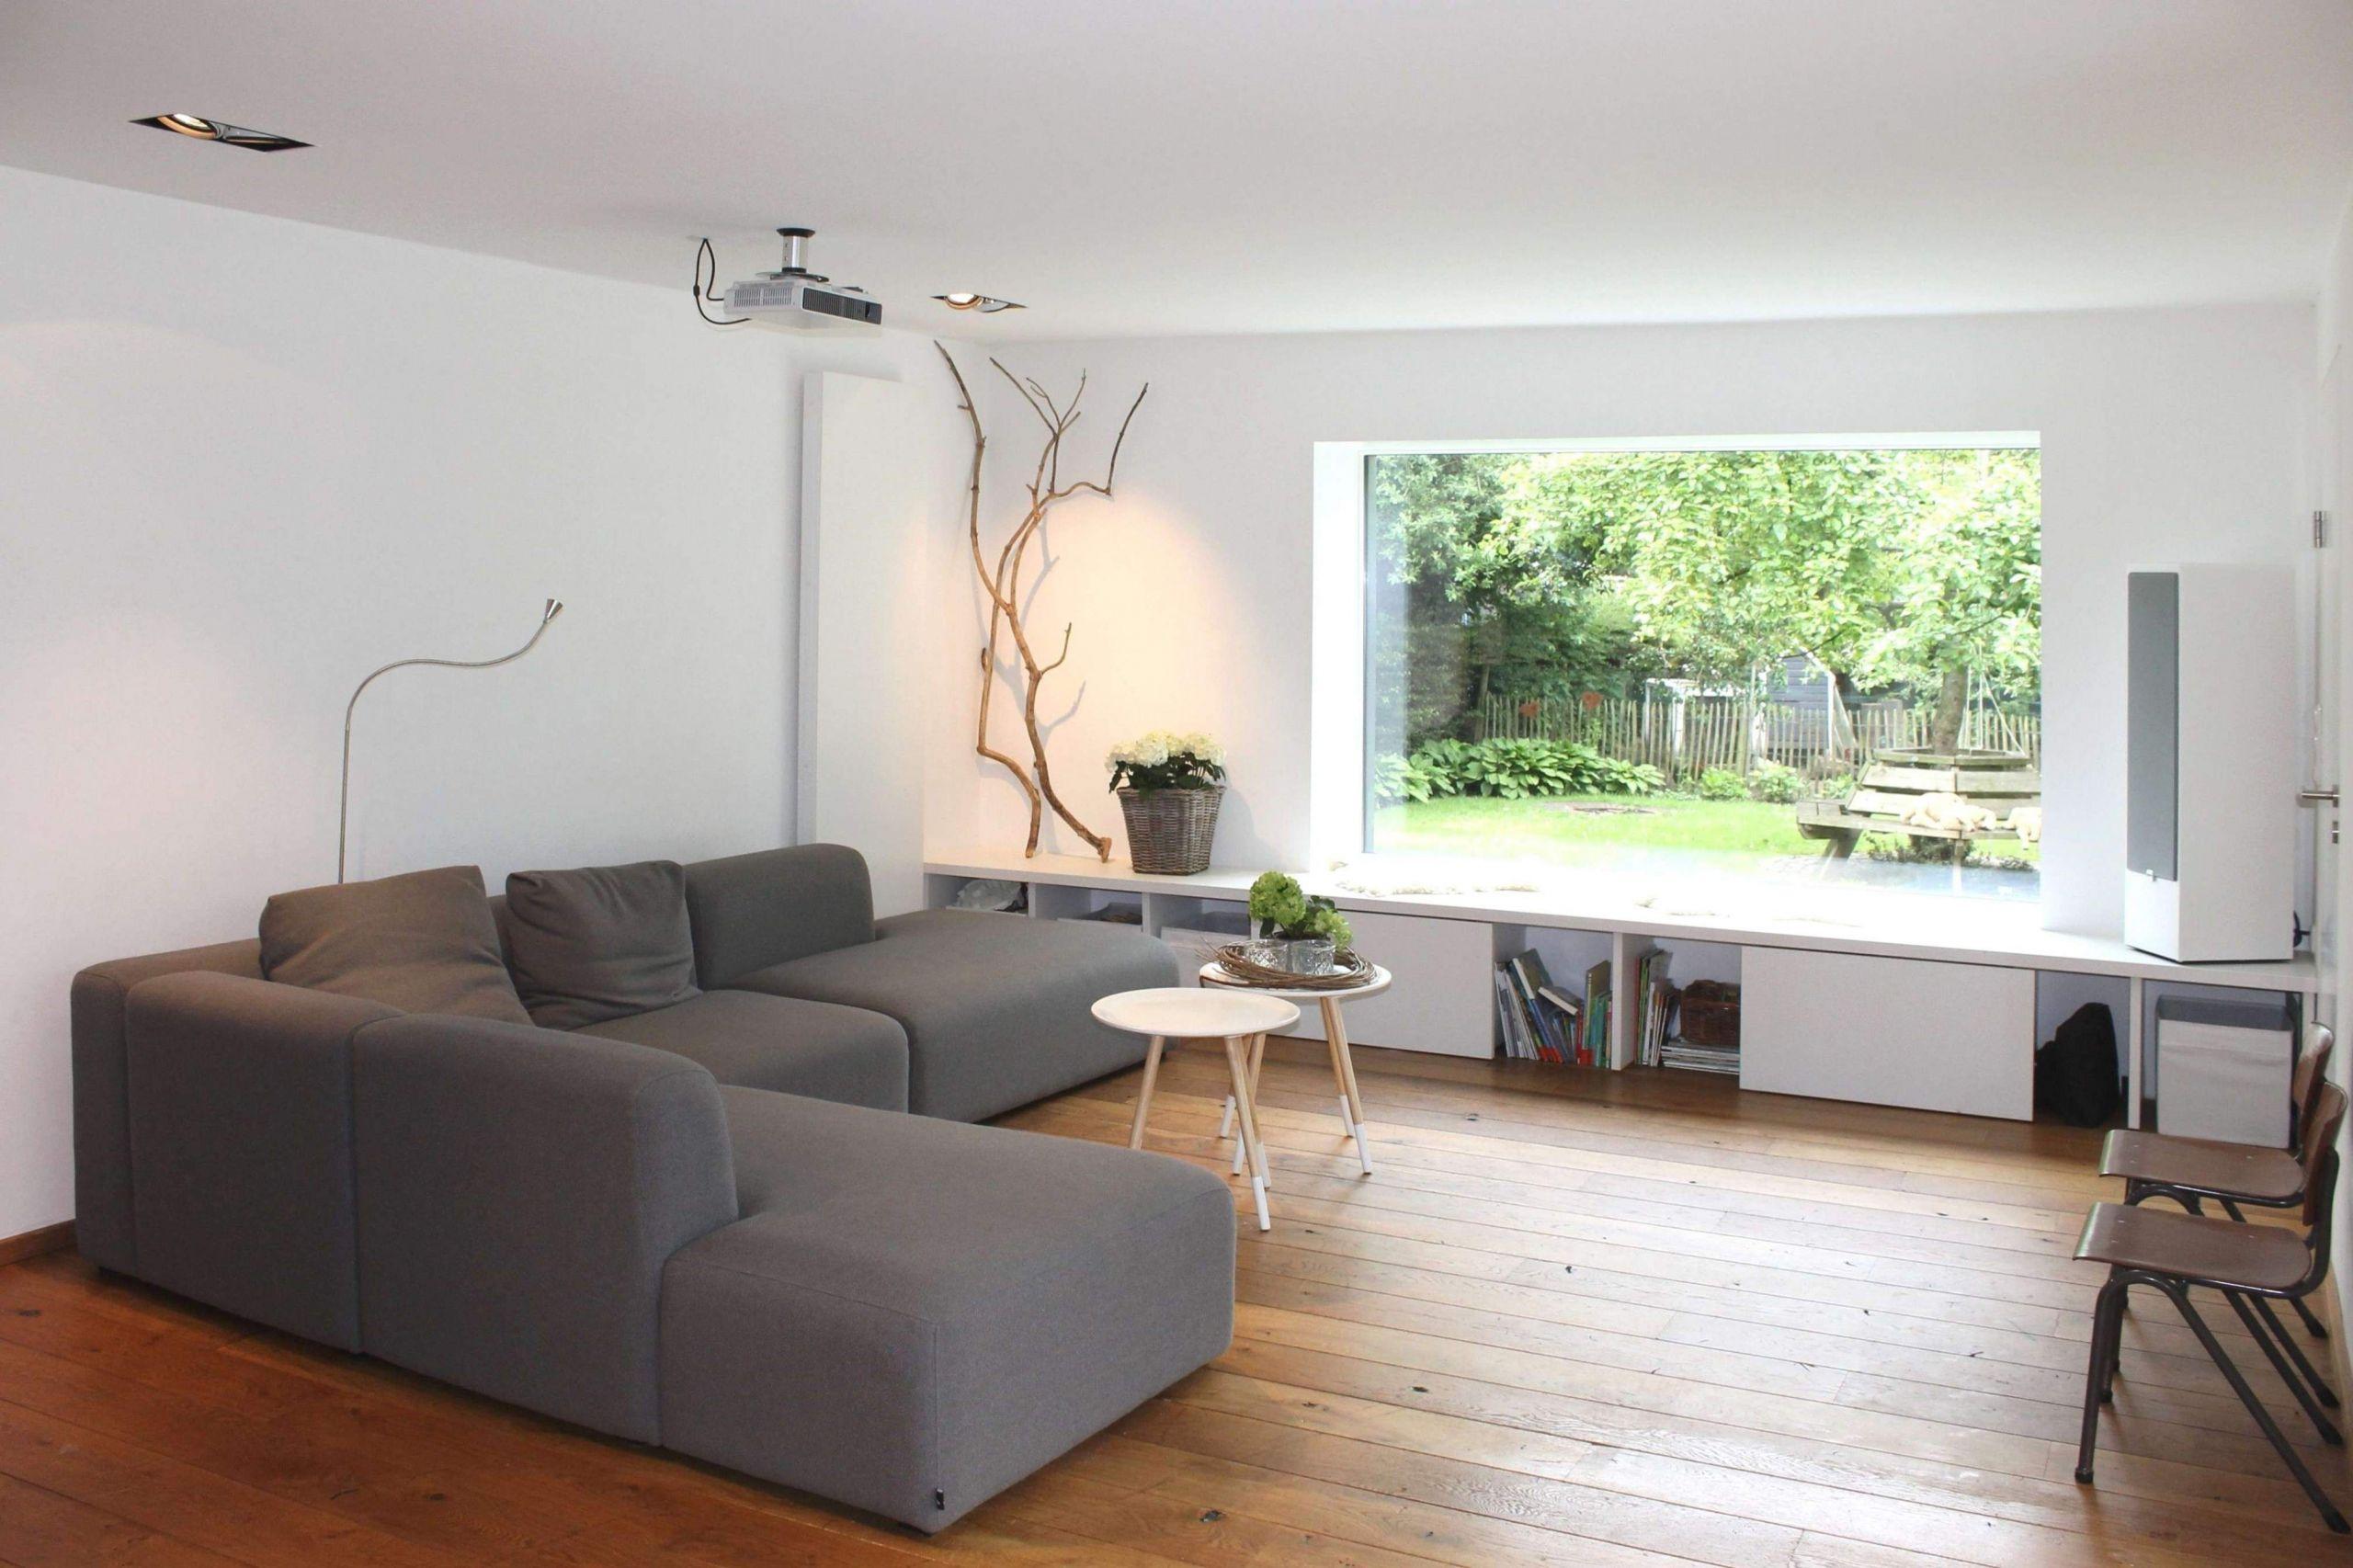 baum im wohnzimmer inspirierend wohnzimmer bilder ideen design sie mussen sehen of baum im wohnzimmer scaled